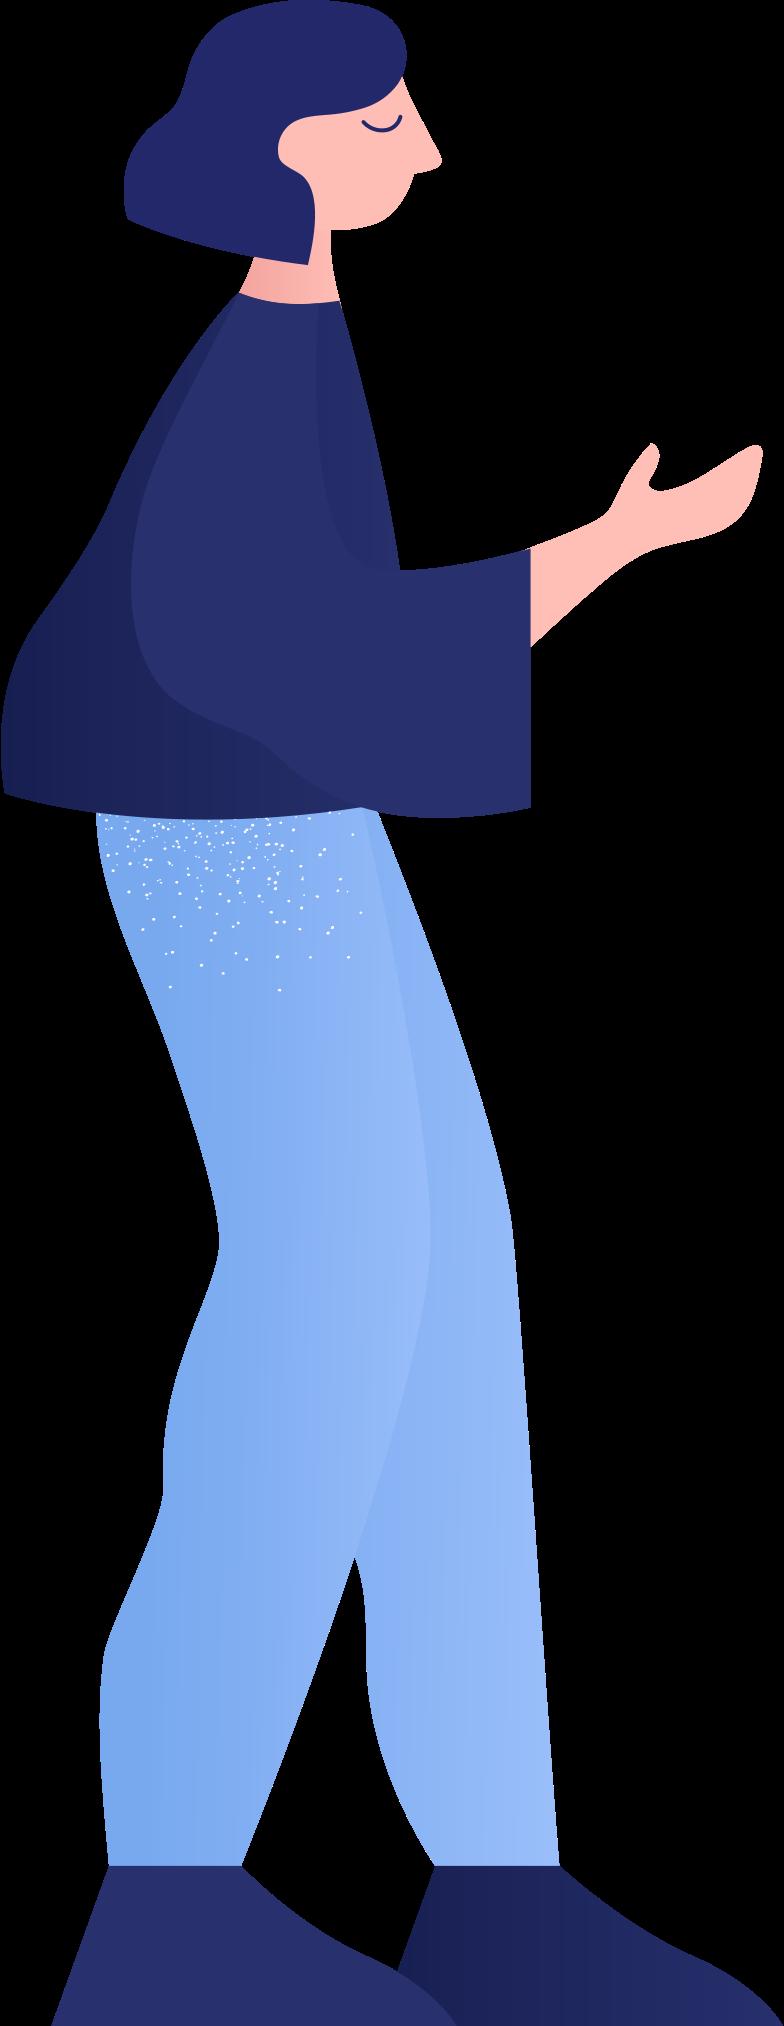 woman Illustrazione clipart in PNG, SVG